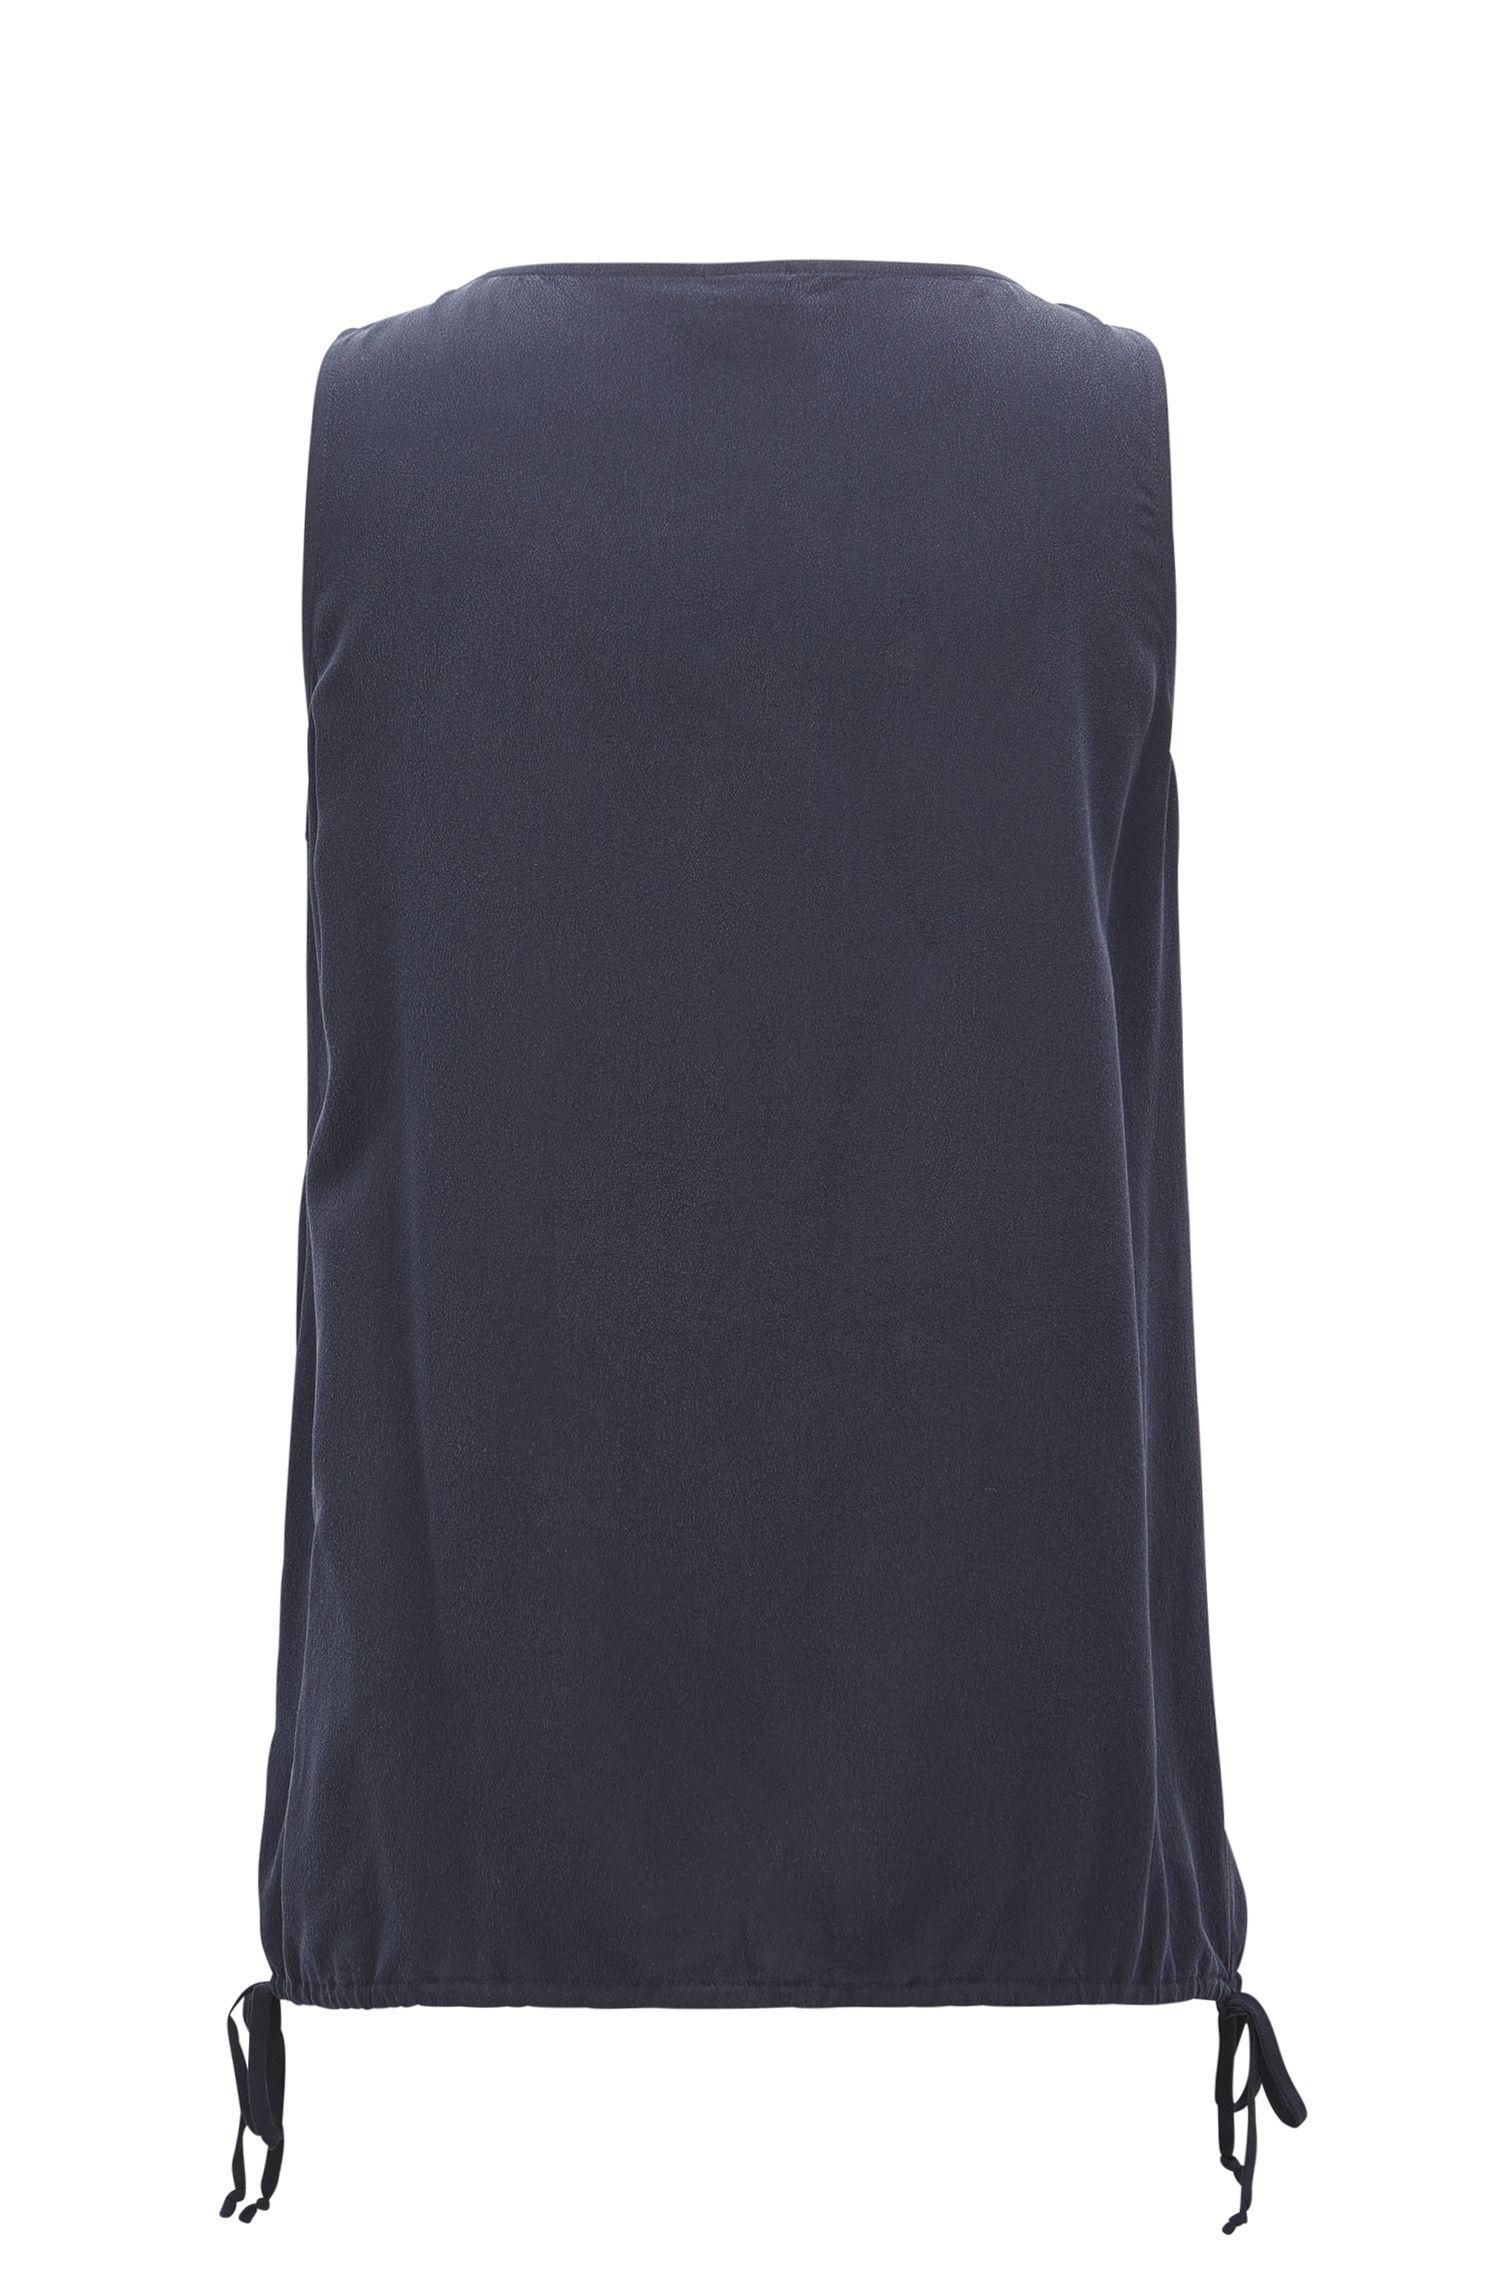 Top en soie sans manches avec cordon de serrage à la base